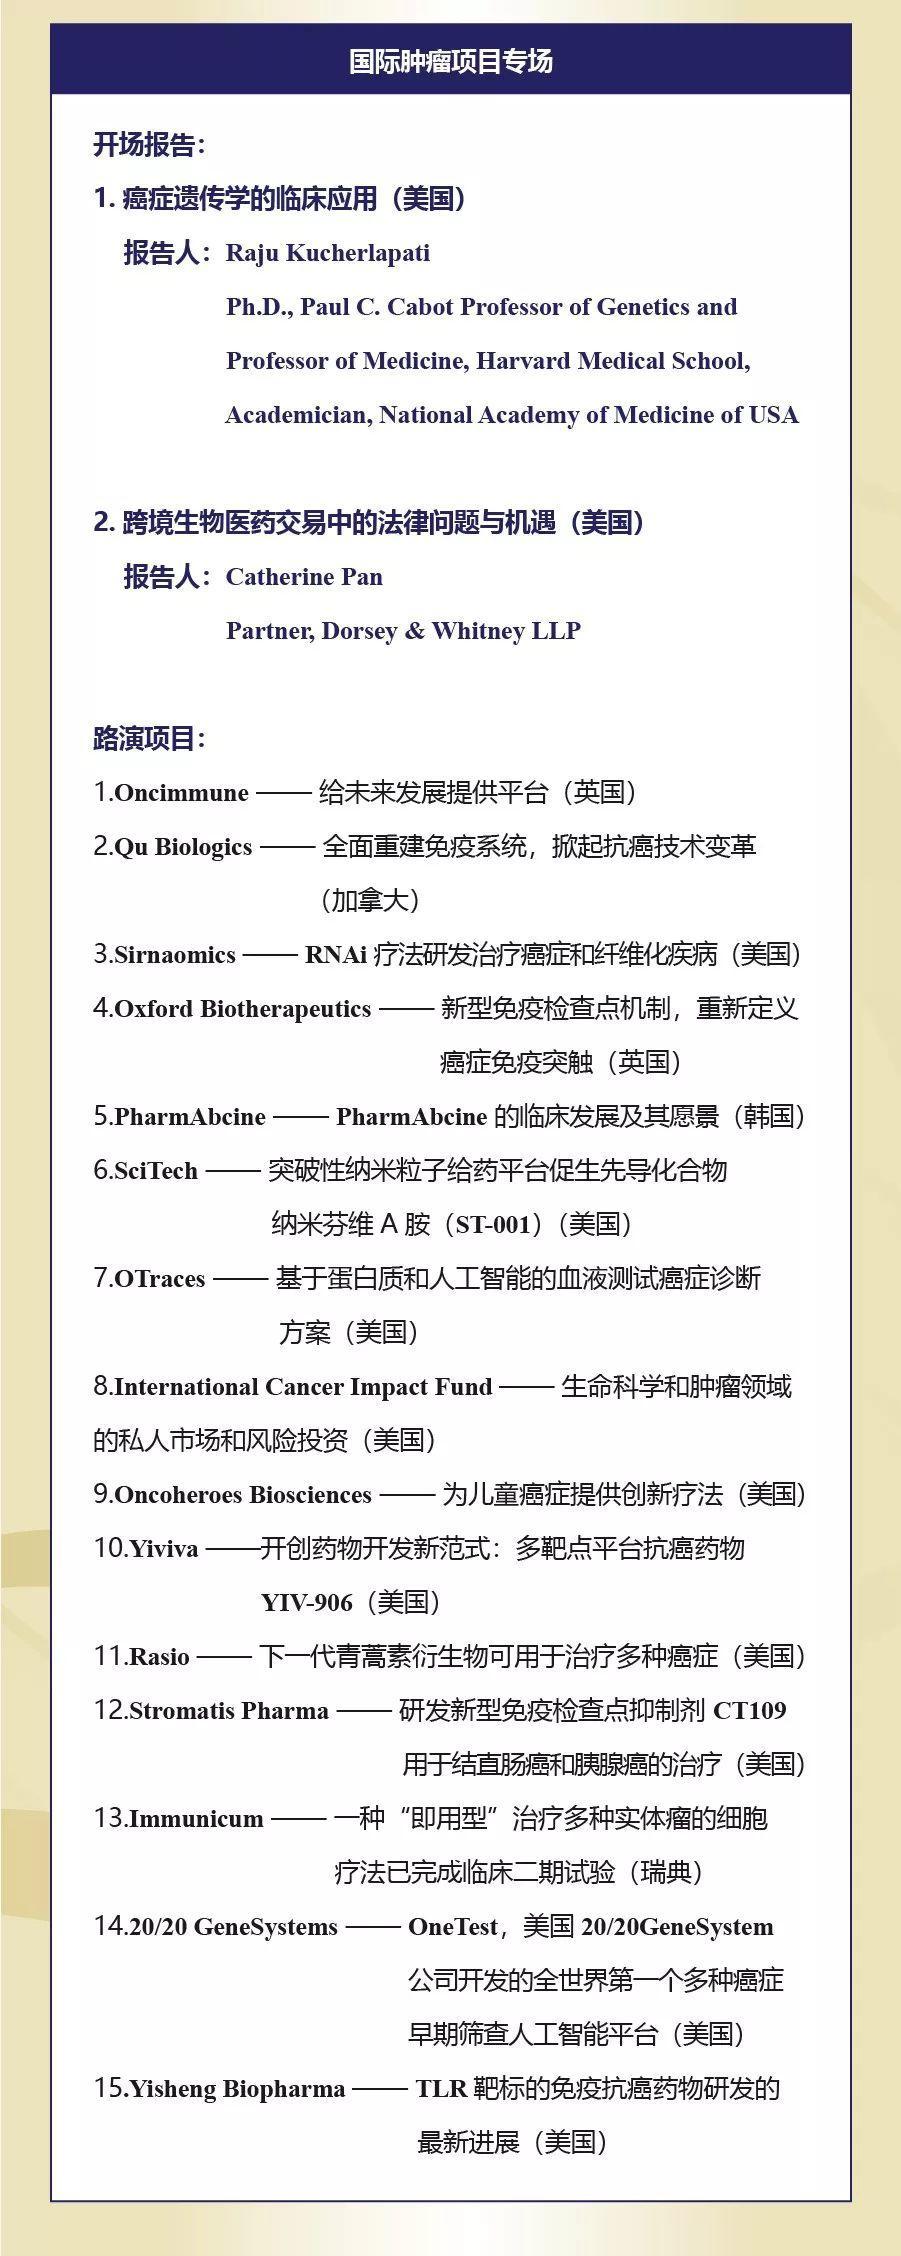 创投大会召开在即,蒋华良院士邀您一起见证2019医药创新投融资盛会